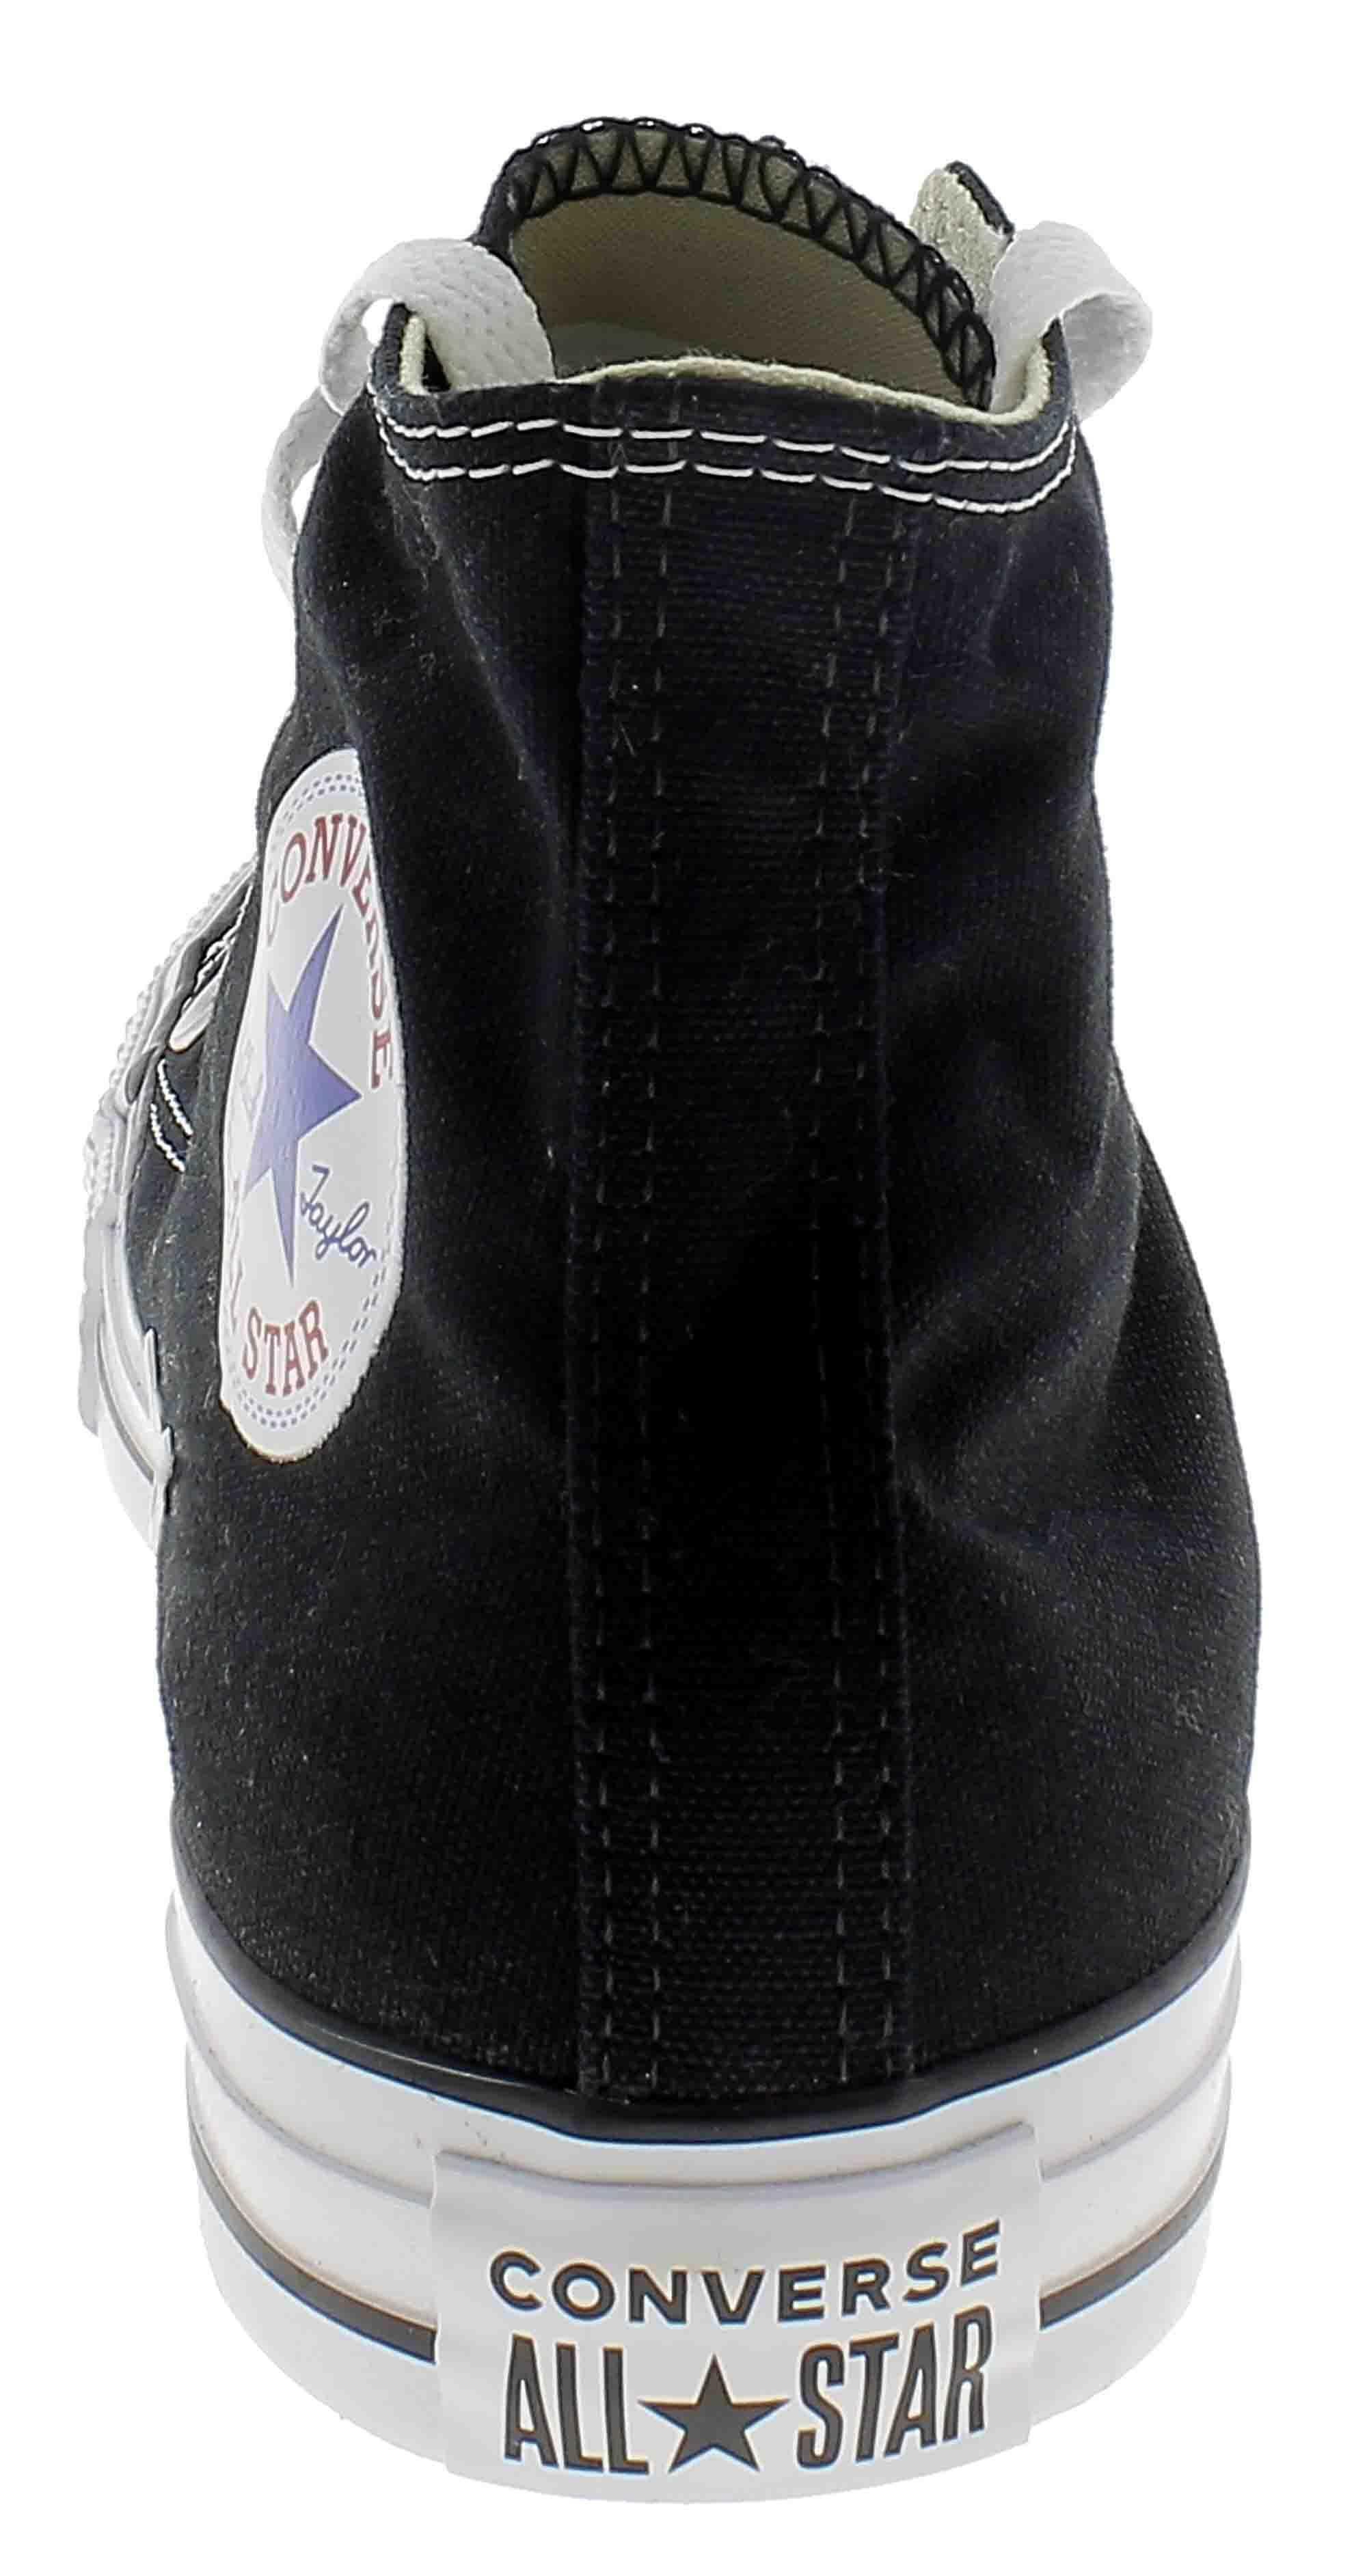 converse converse all star hi scarpe sportive alte nere m9160